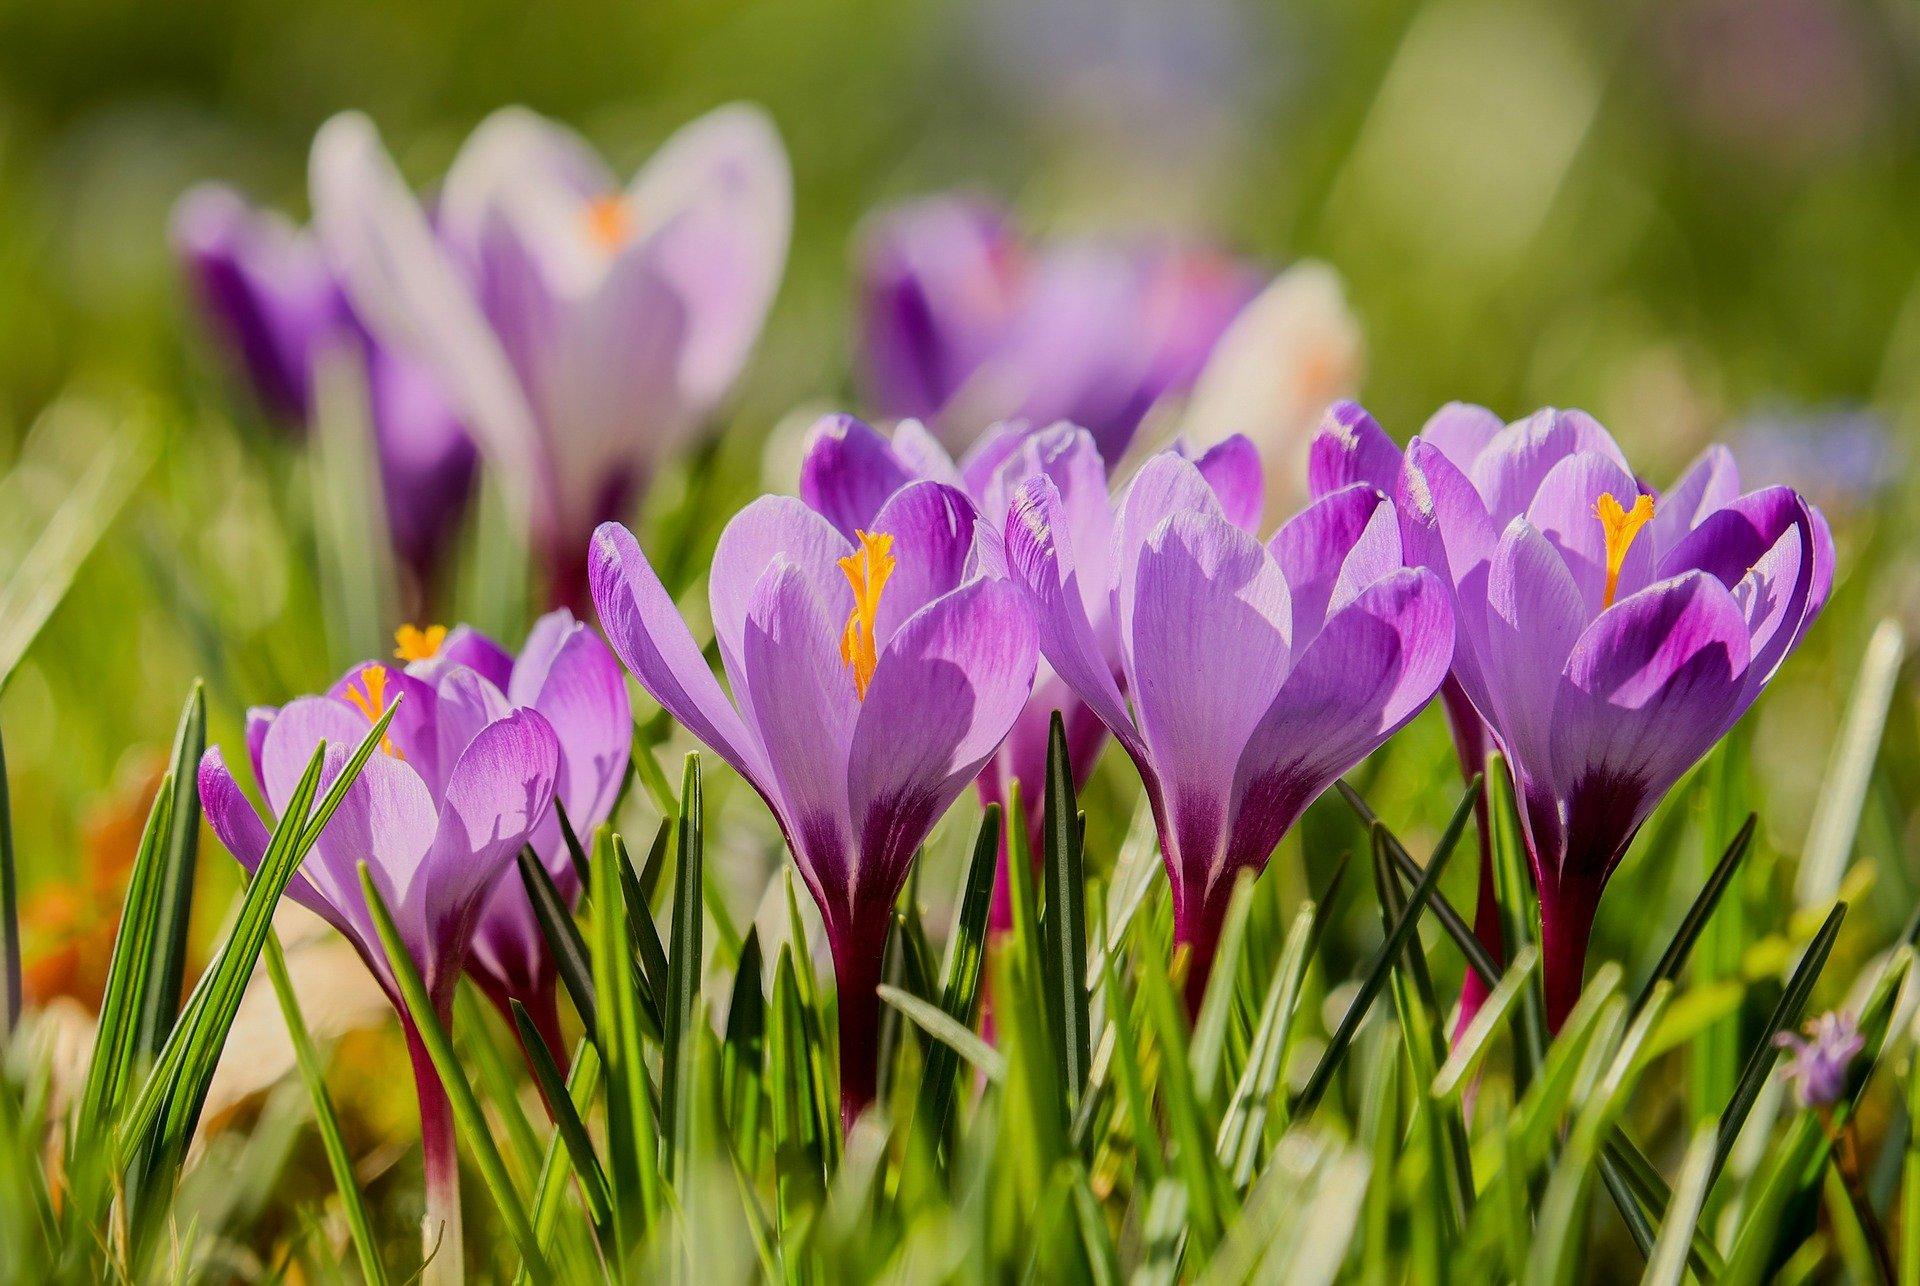 Zagadki o symbolach wiosny zgadywanki dla dzieci